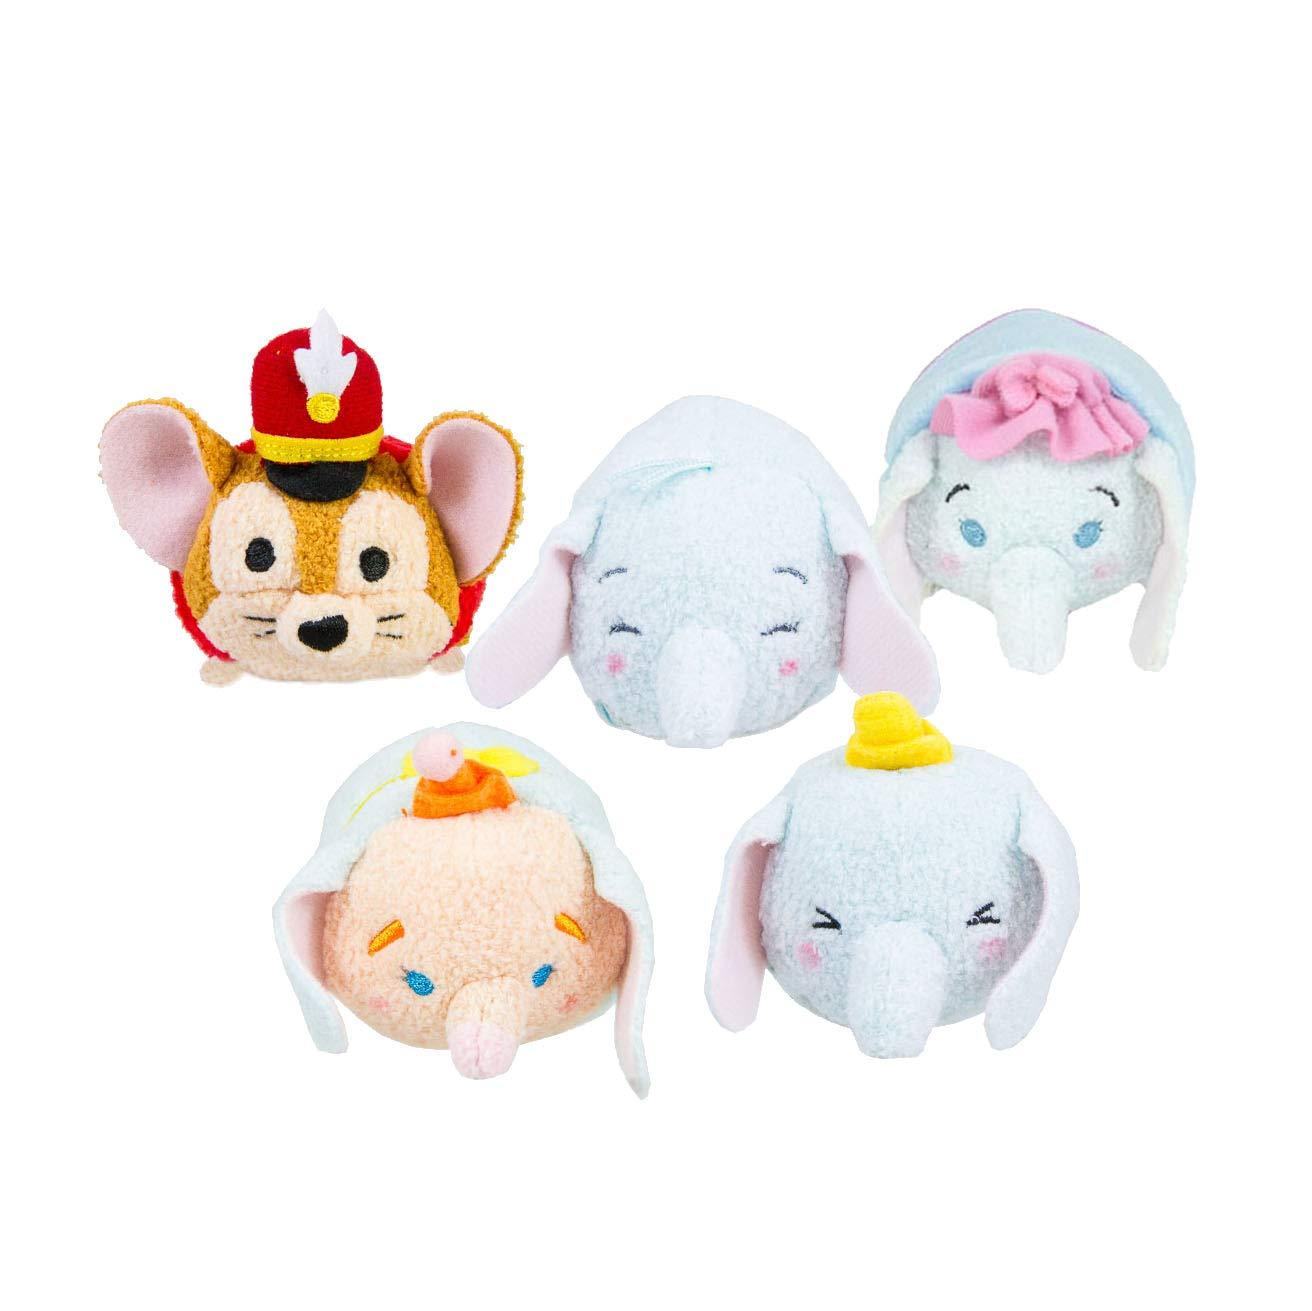 Timothy Posh Paws Peluche Tsum Tsum Dumbo Disney 8cm